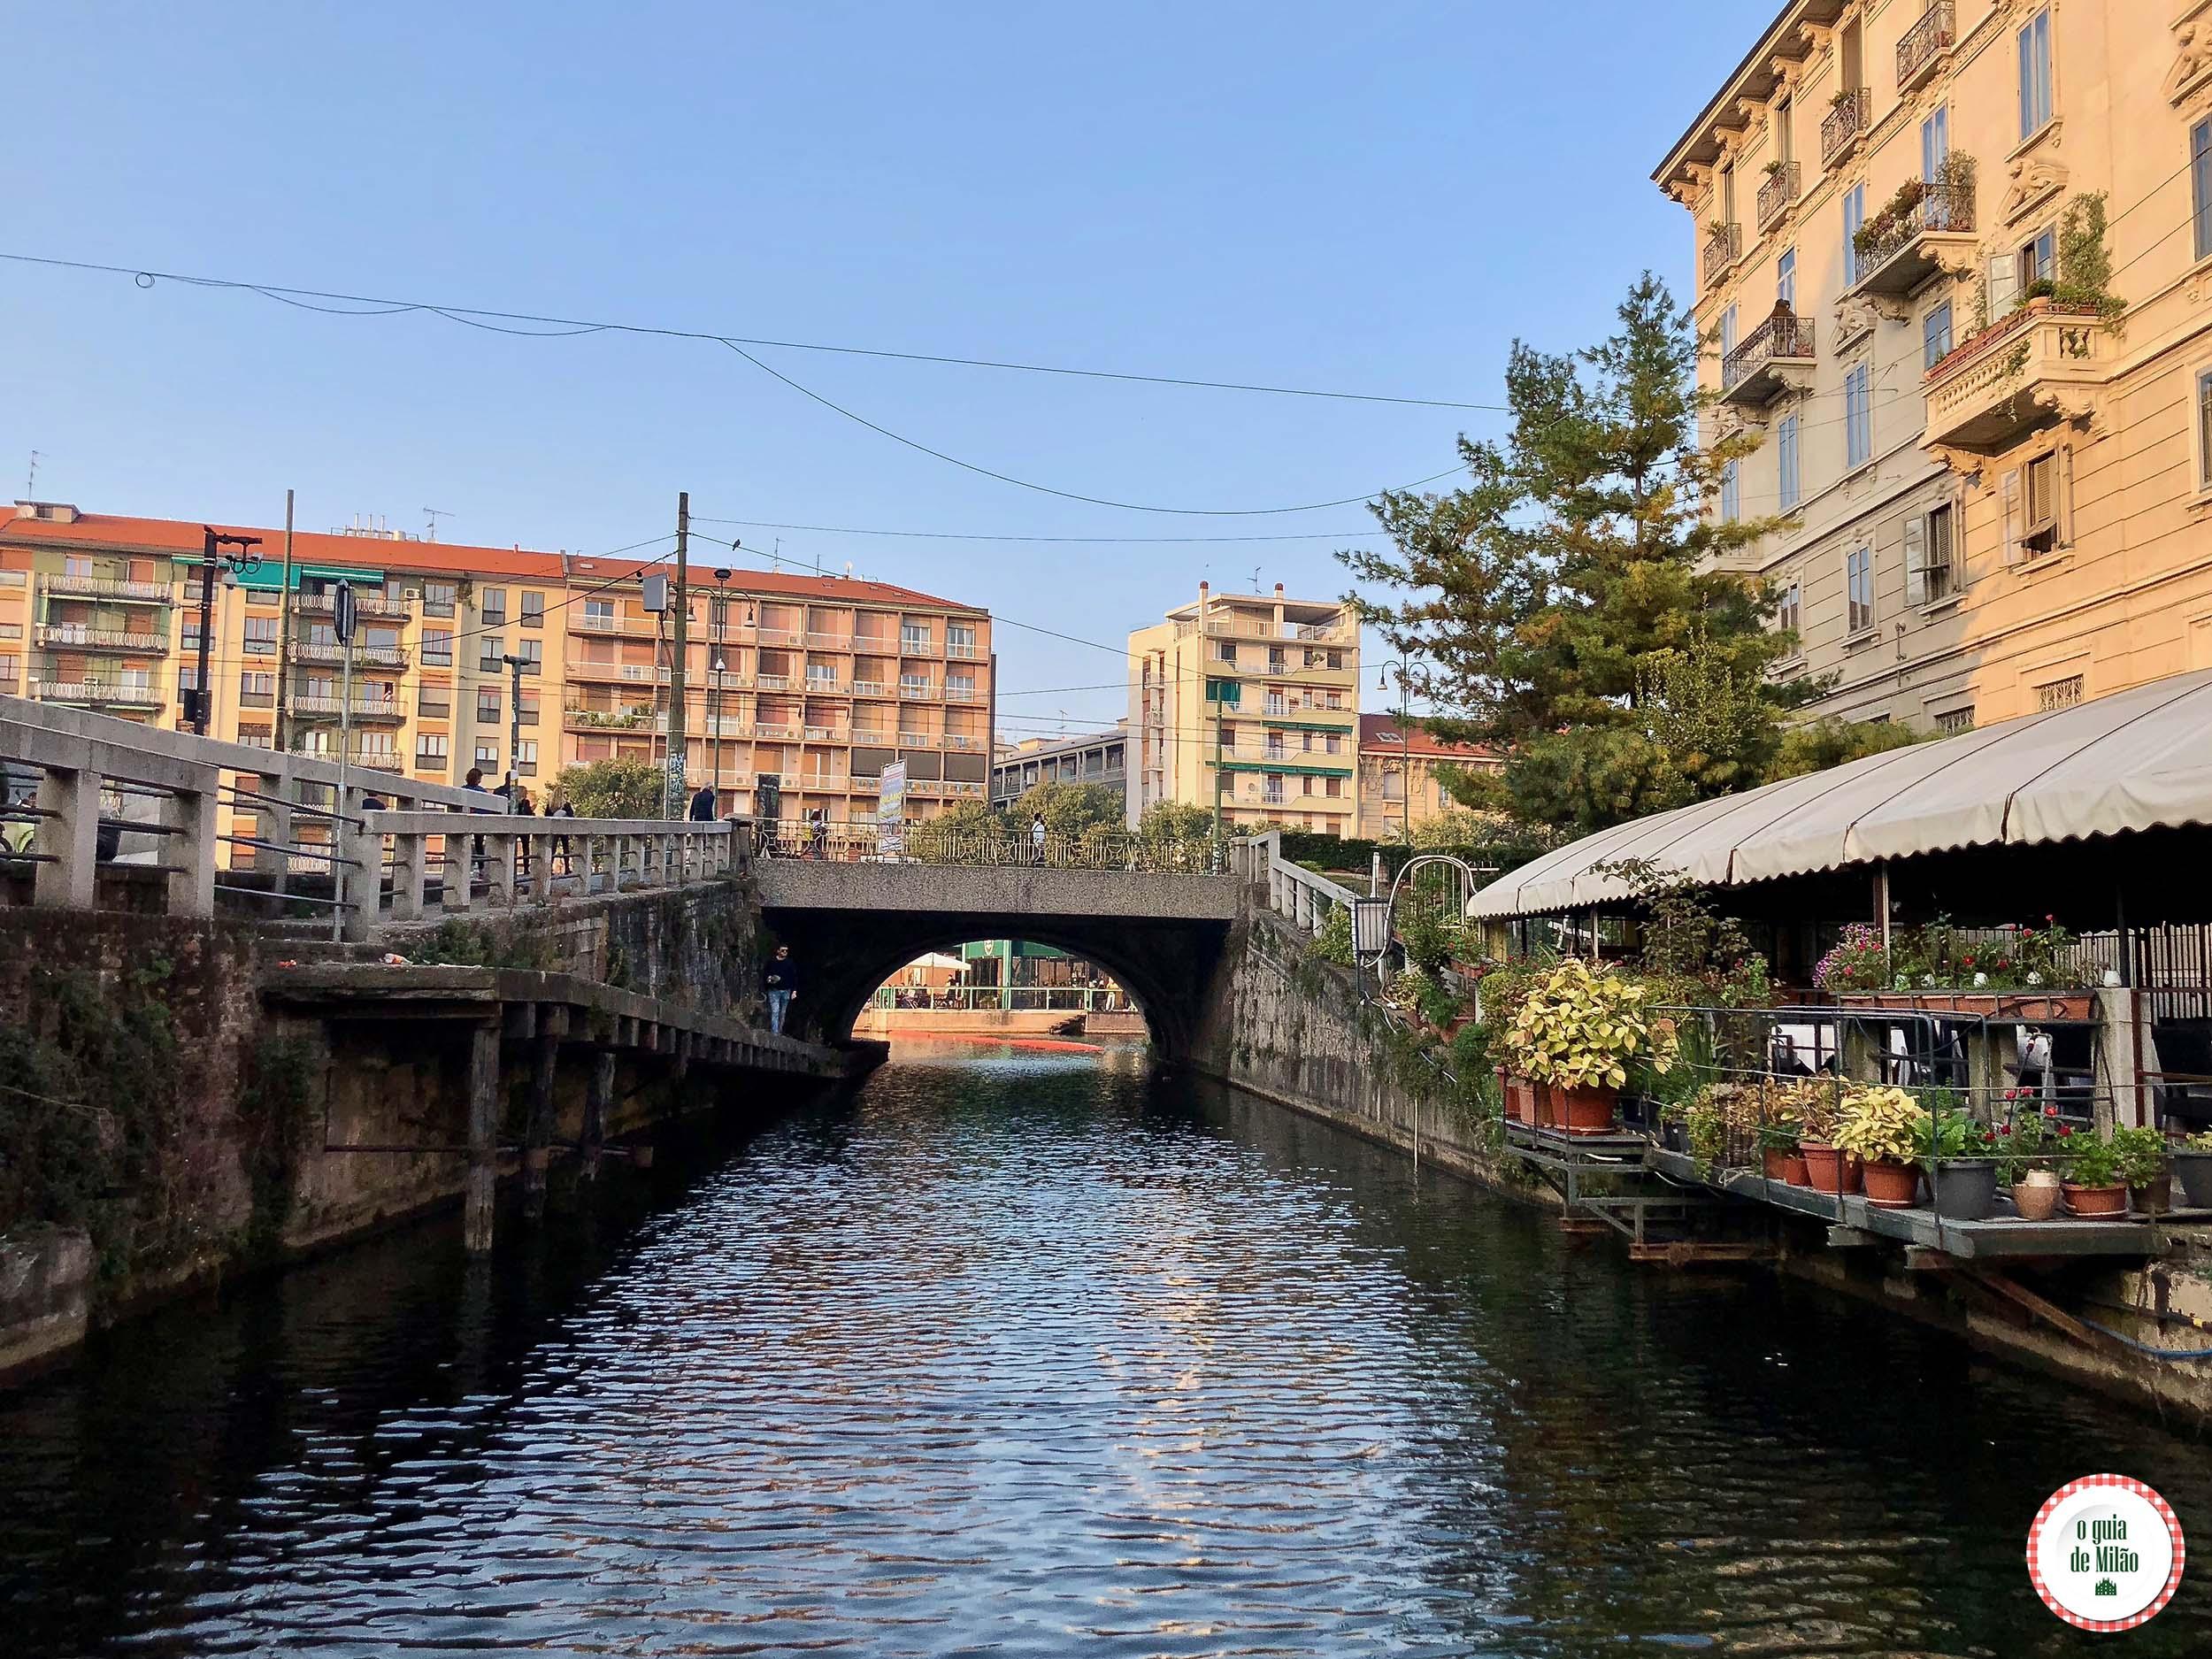 Passeio de barco em Navigli em Milão